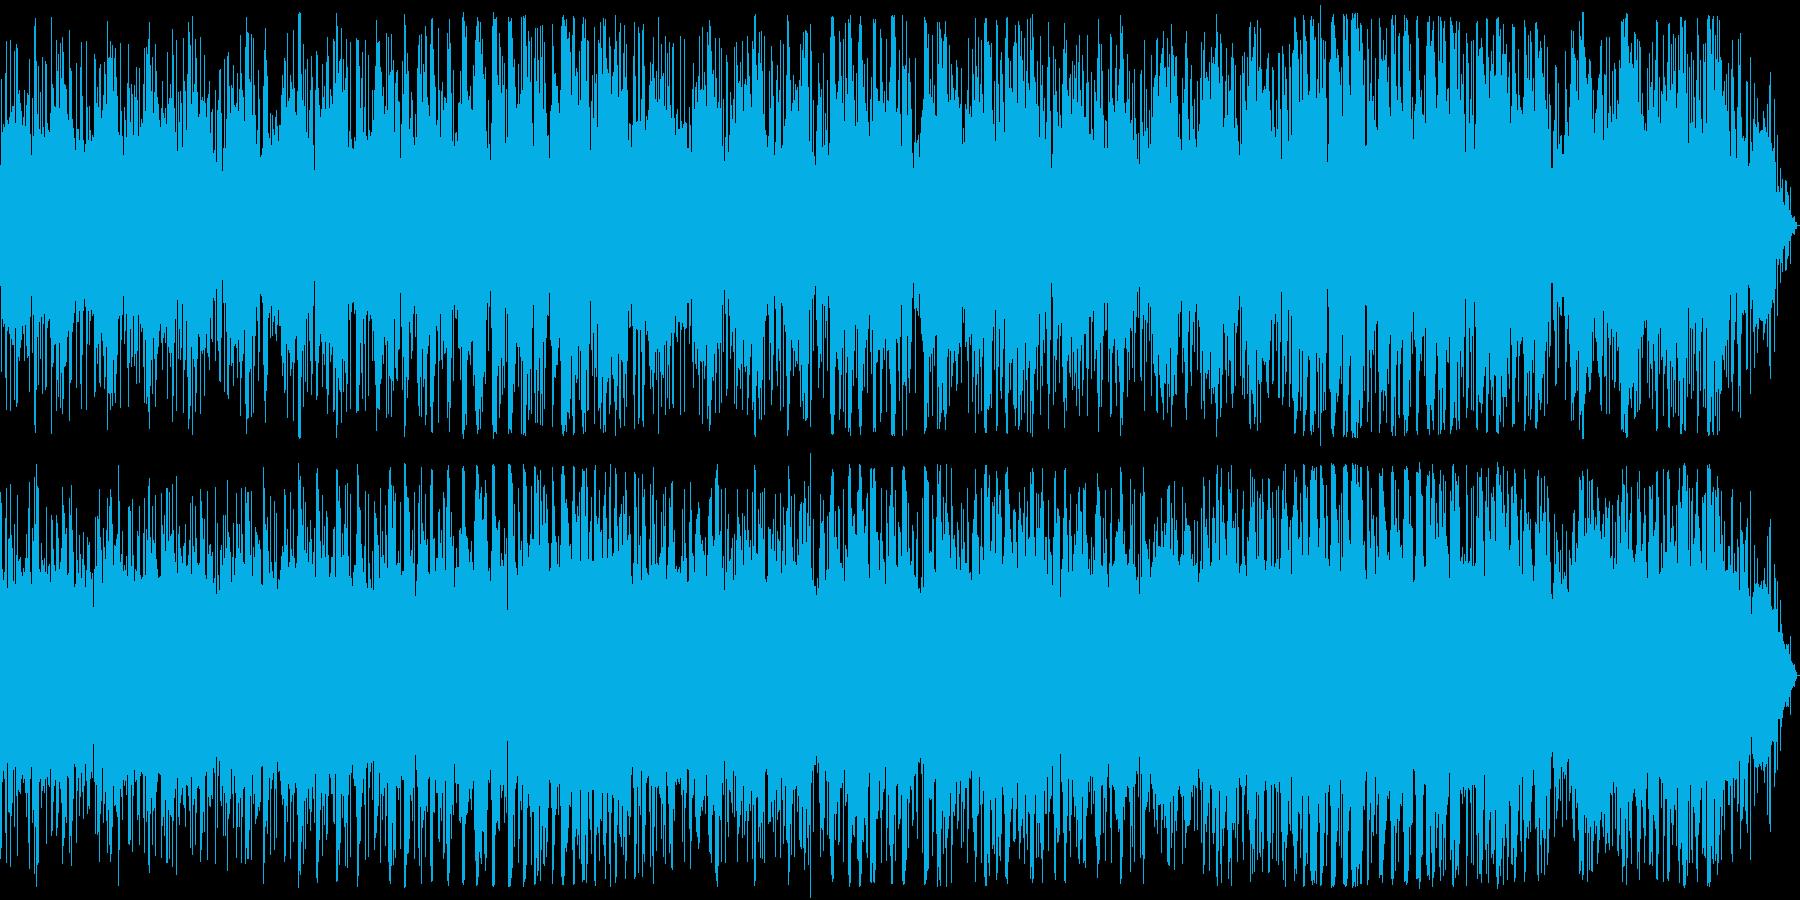 ピアノとノイズ音のエレクトロニカAの再生済みの波形